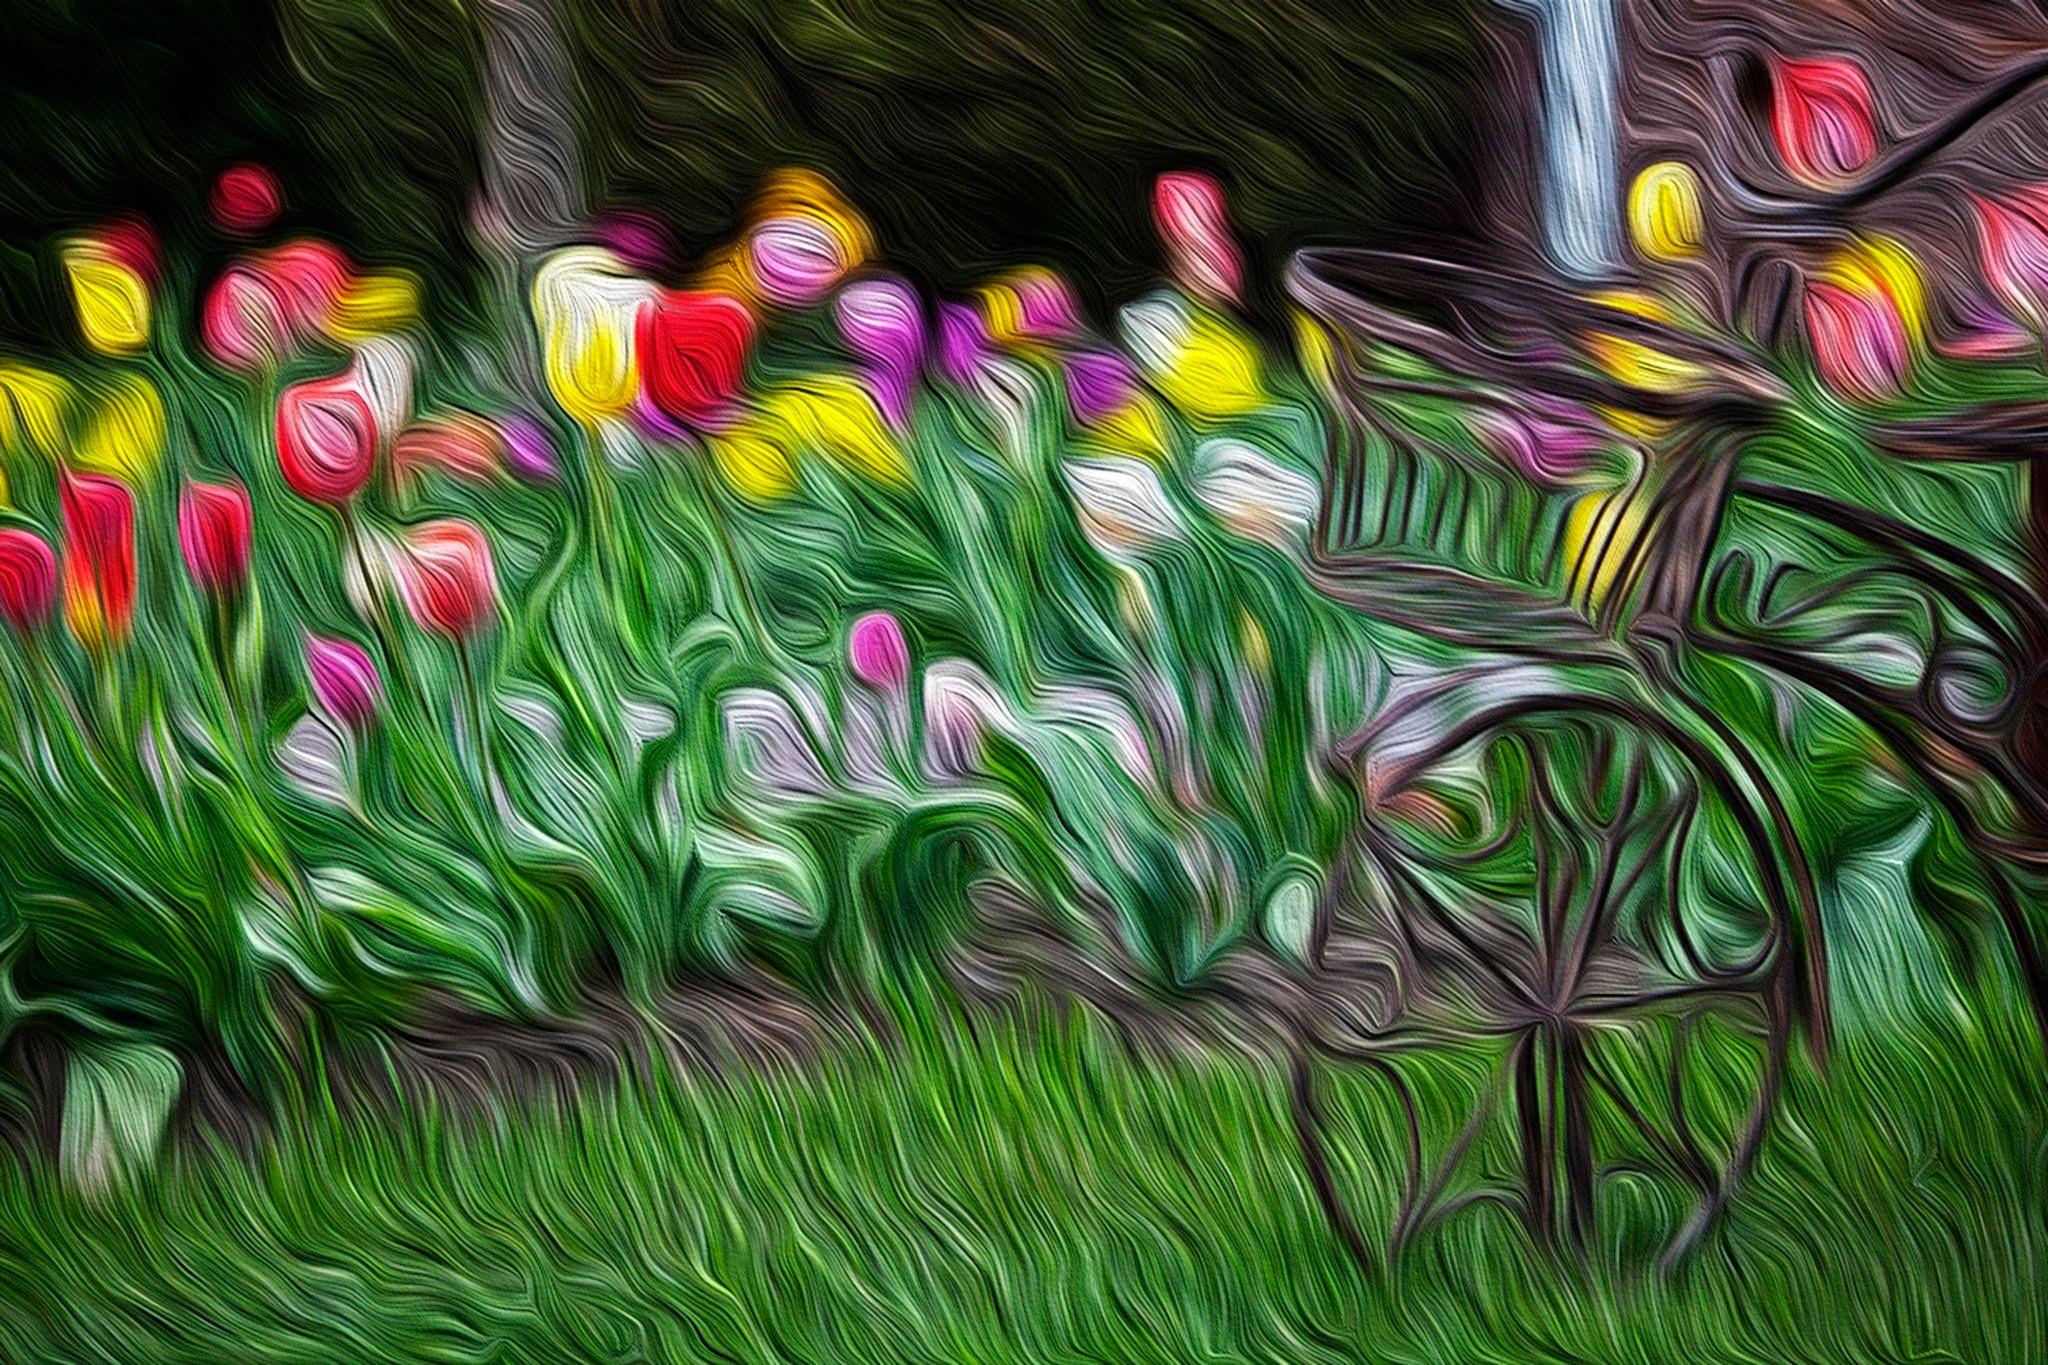 Garden - Flowers in the spring garden. Photoimpressionism